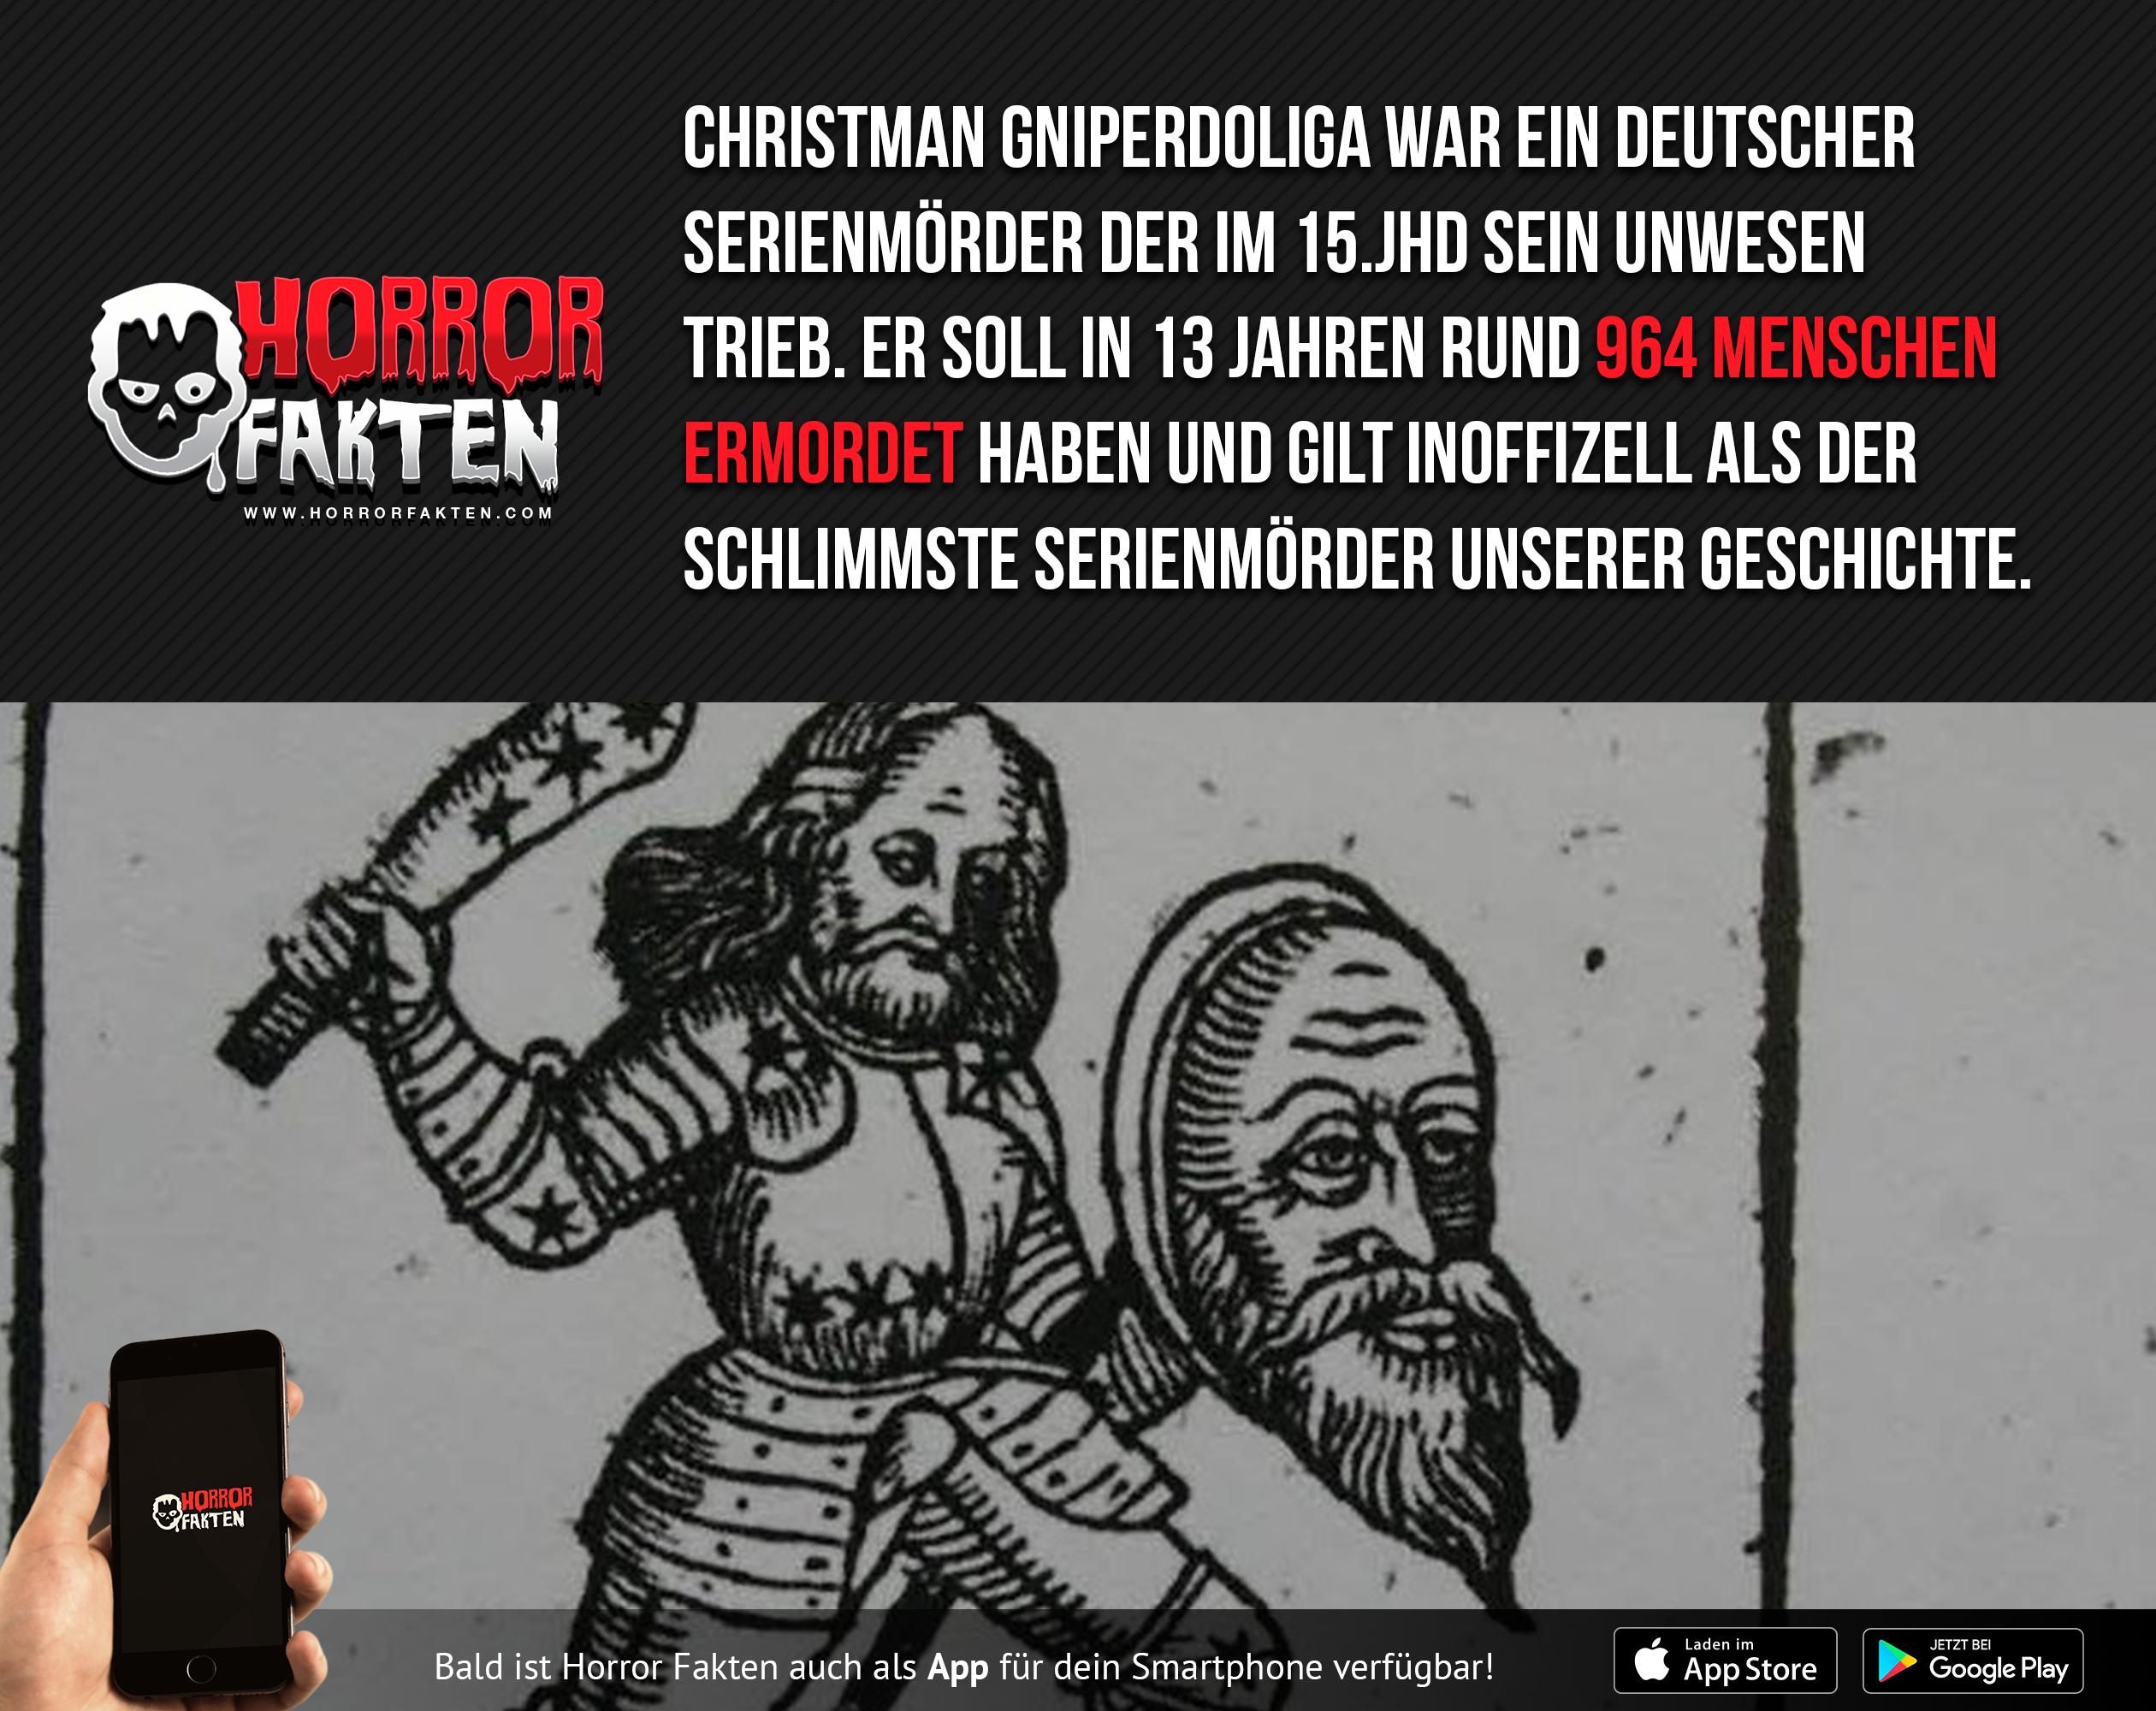 Der schlimmste inoffizielle Serienmörder unserer Geschichte Christman Gniperdoliga #historyfacts